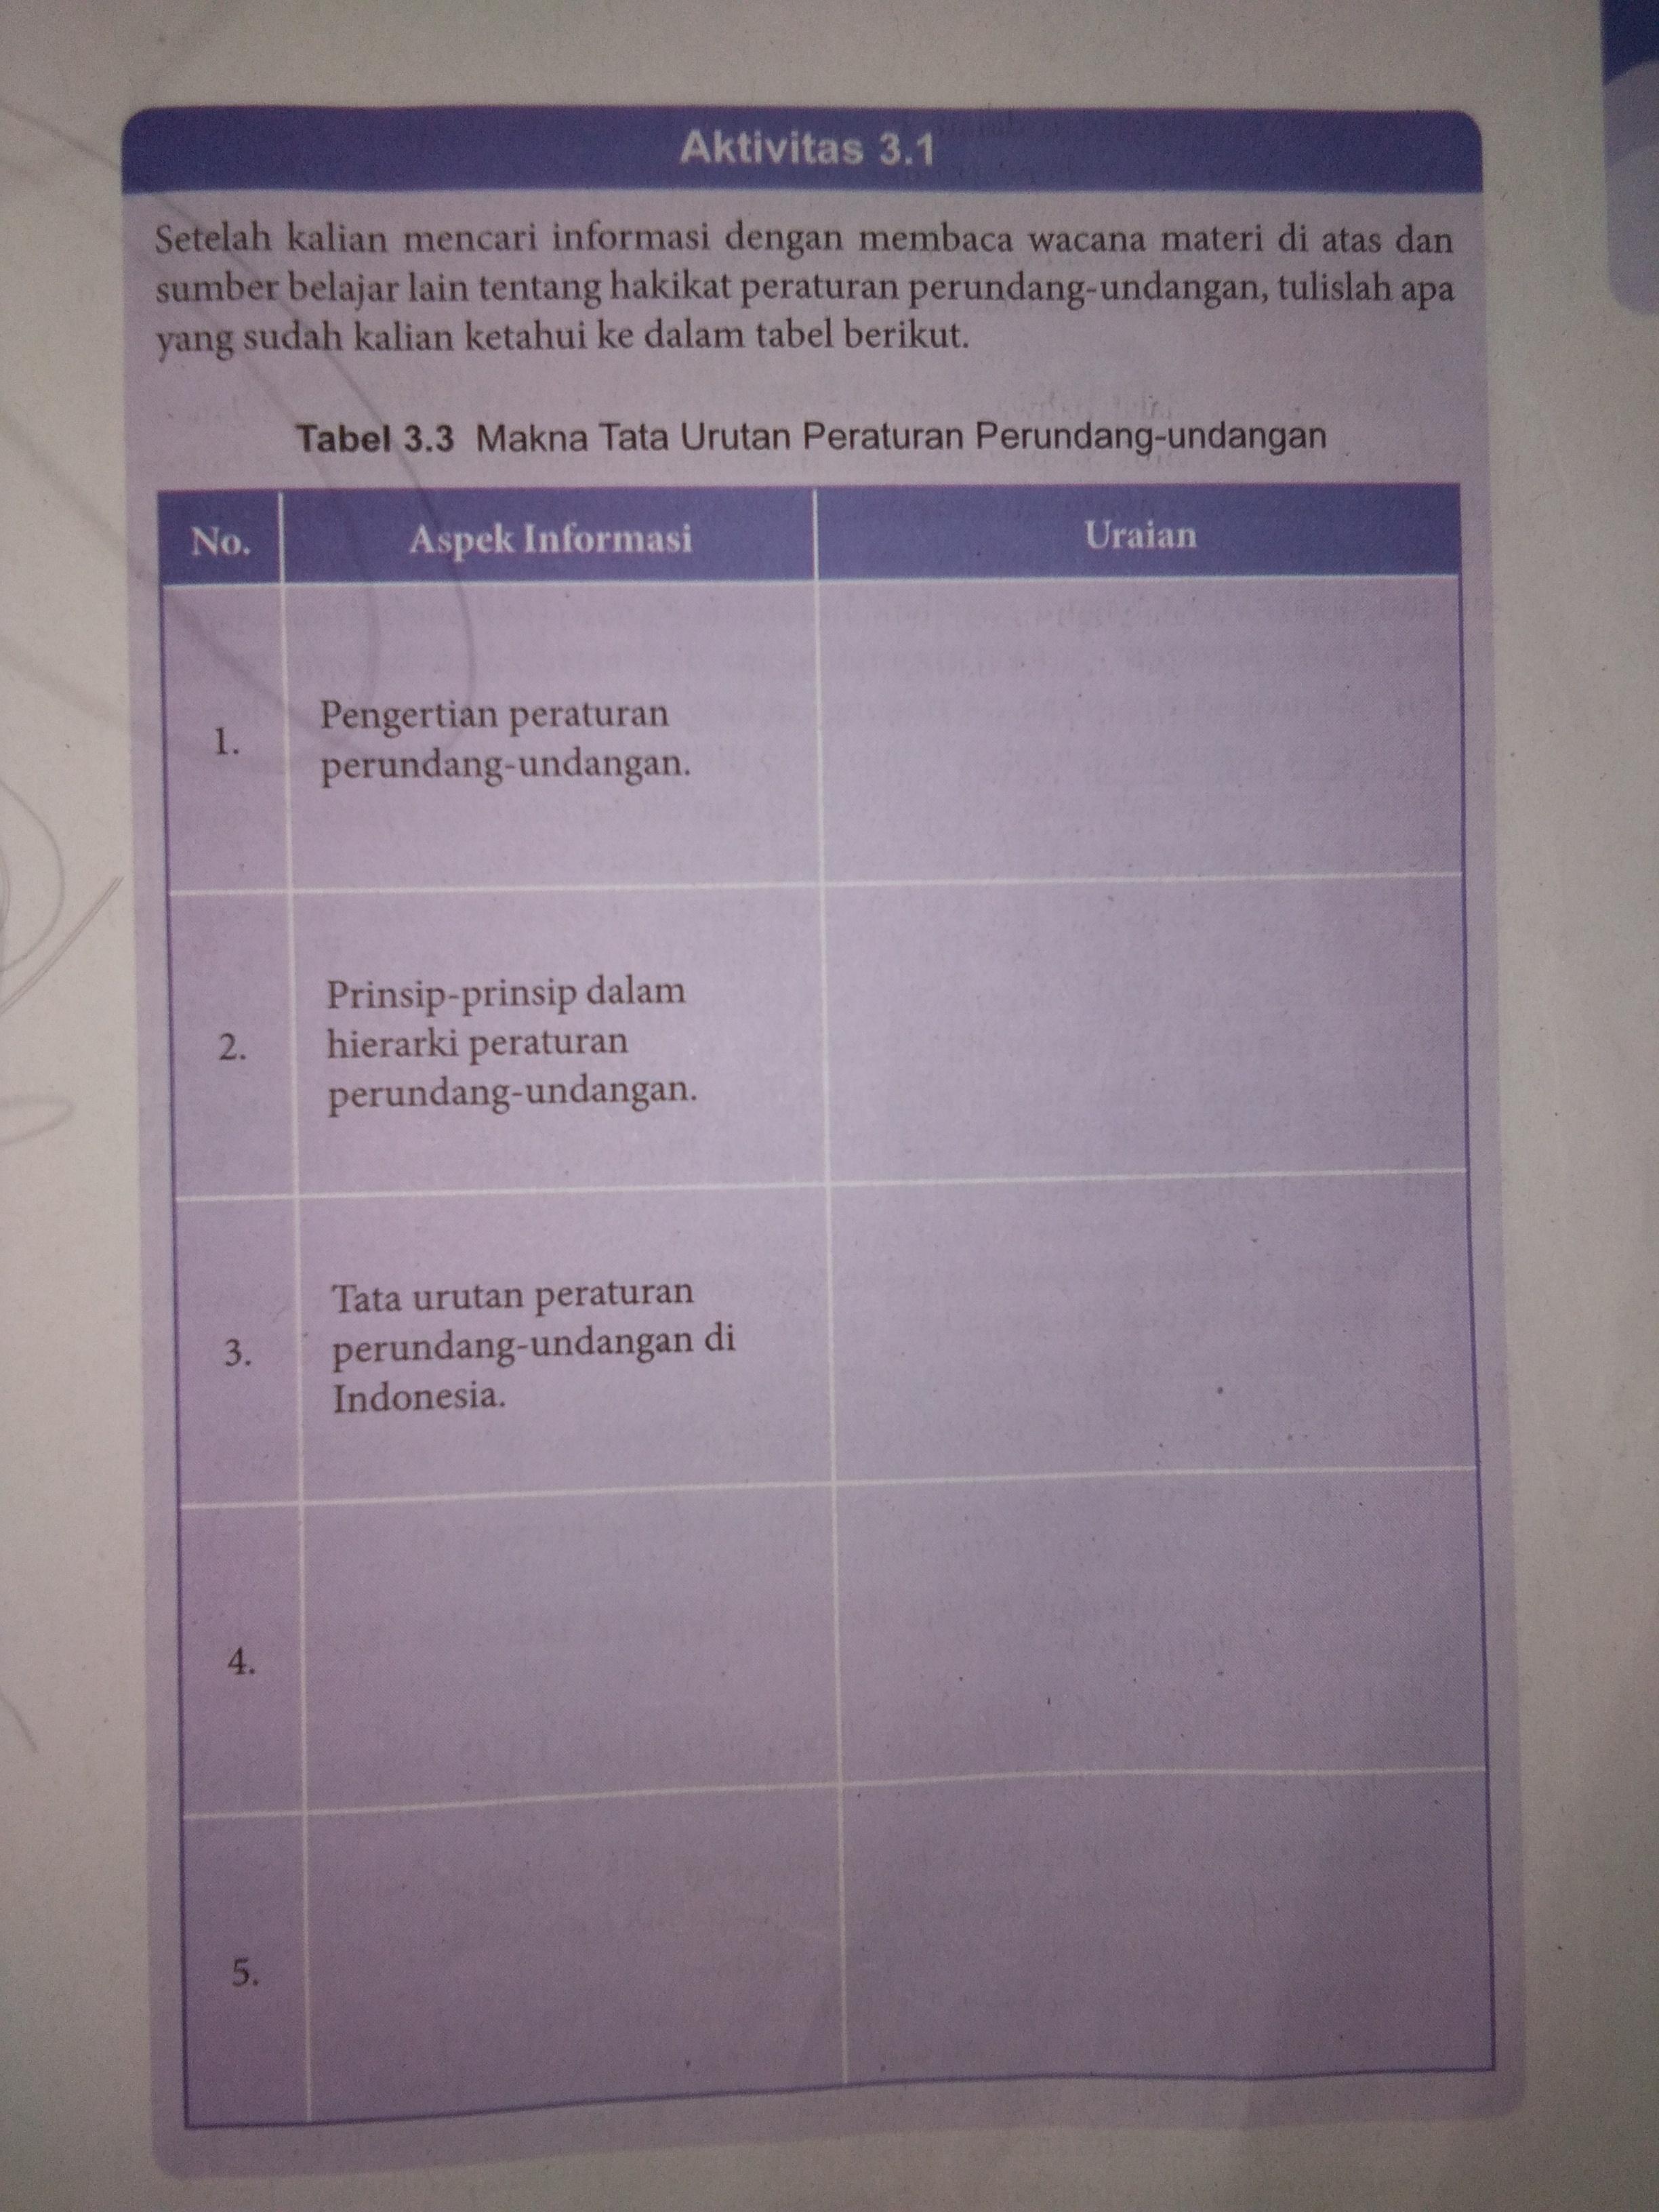 Kunci Jawaban Buku Paket Ipa Kelas 8 Semester 1 Halaman ...